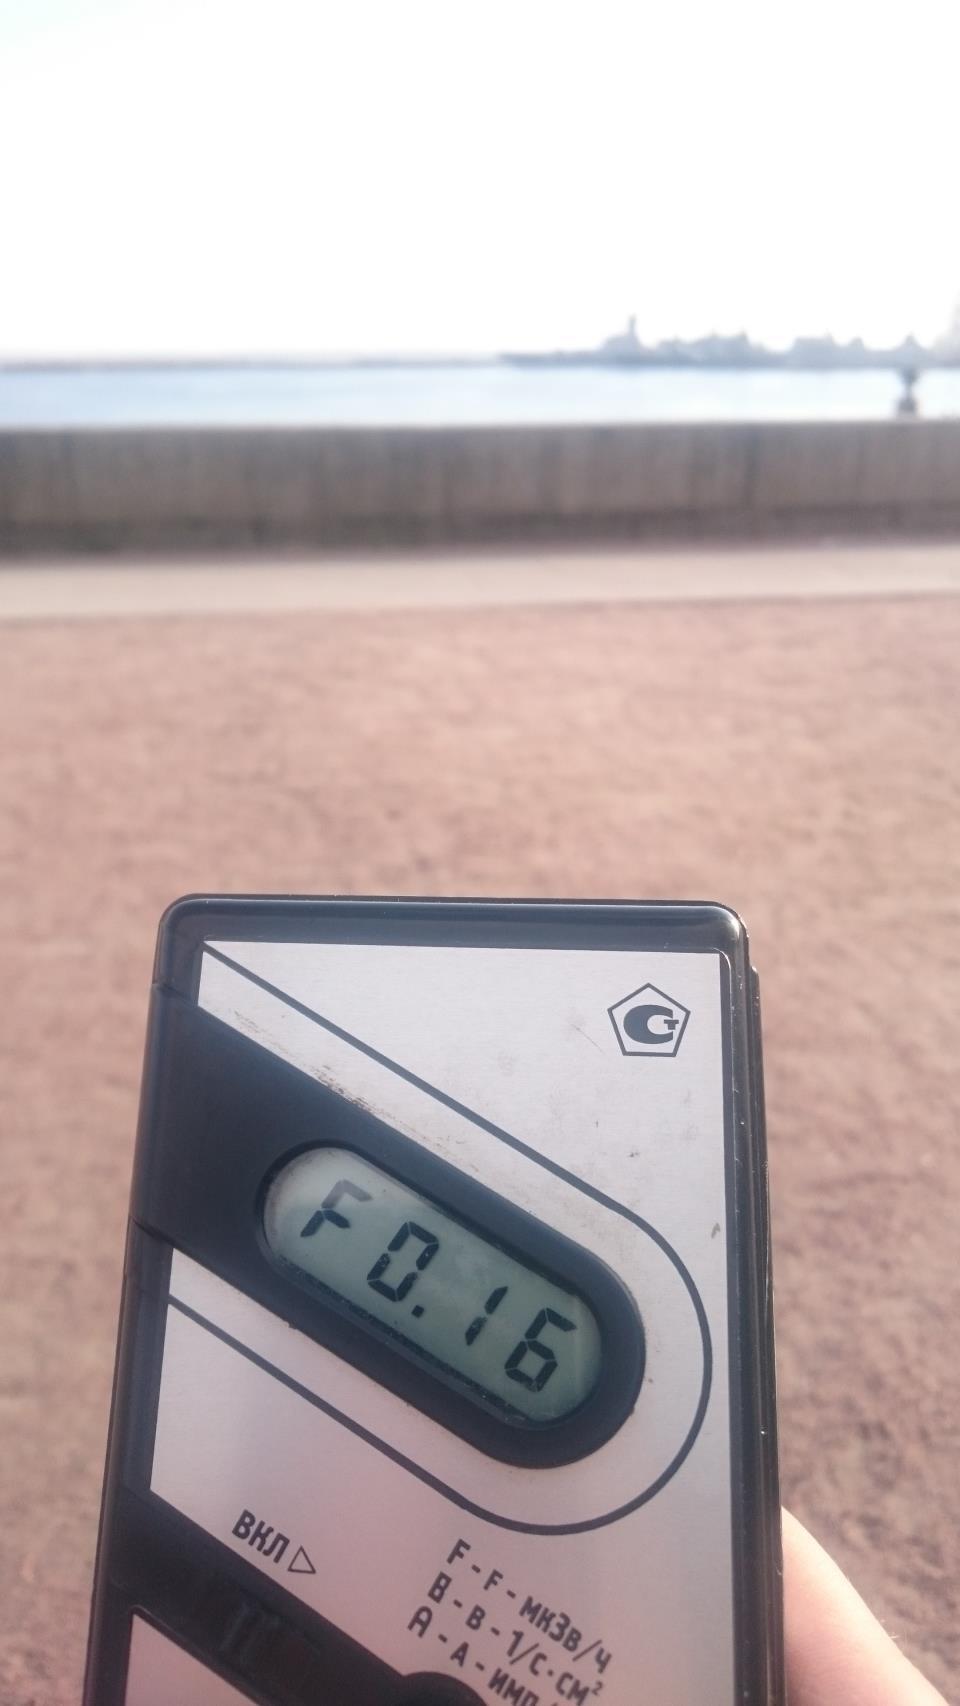 Точка измерения МЭД гамма-излучени в г.Кронштадт в Ленинградской области